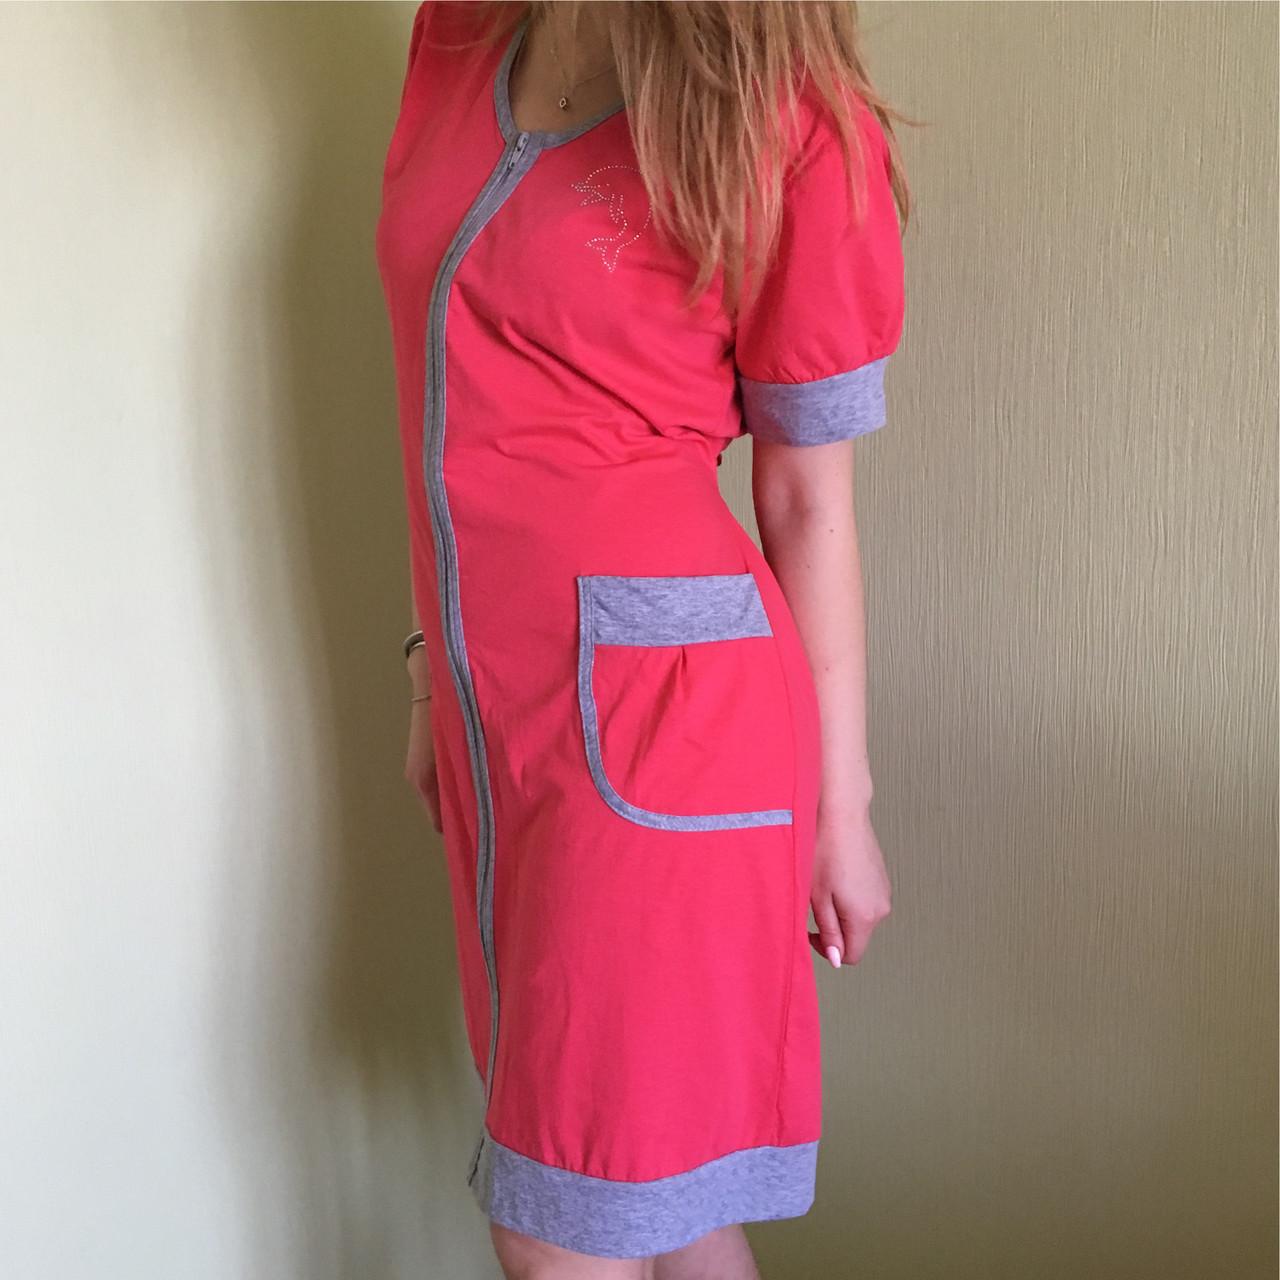 aae9972feafb Халат женский трикотажный легкий летний, Турция - Модные вещи оптом и в  розницу